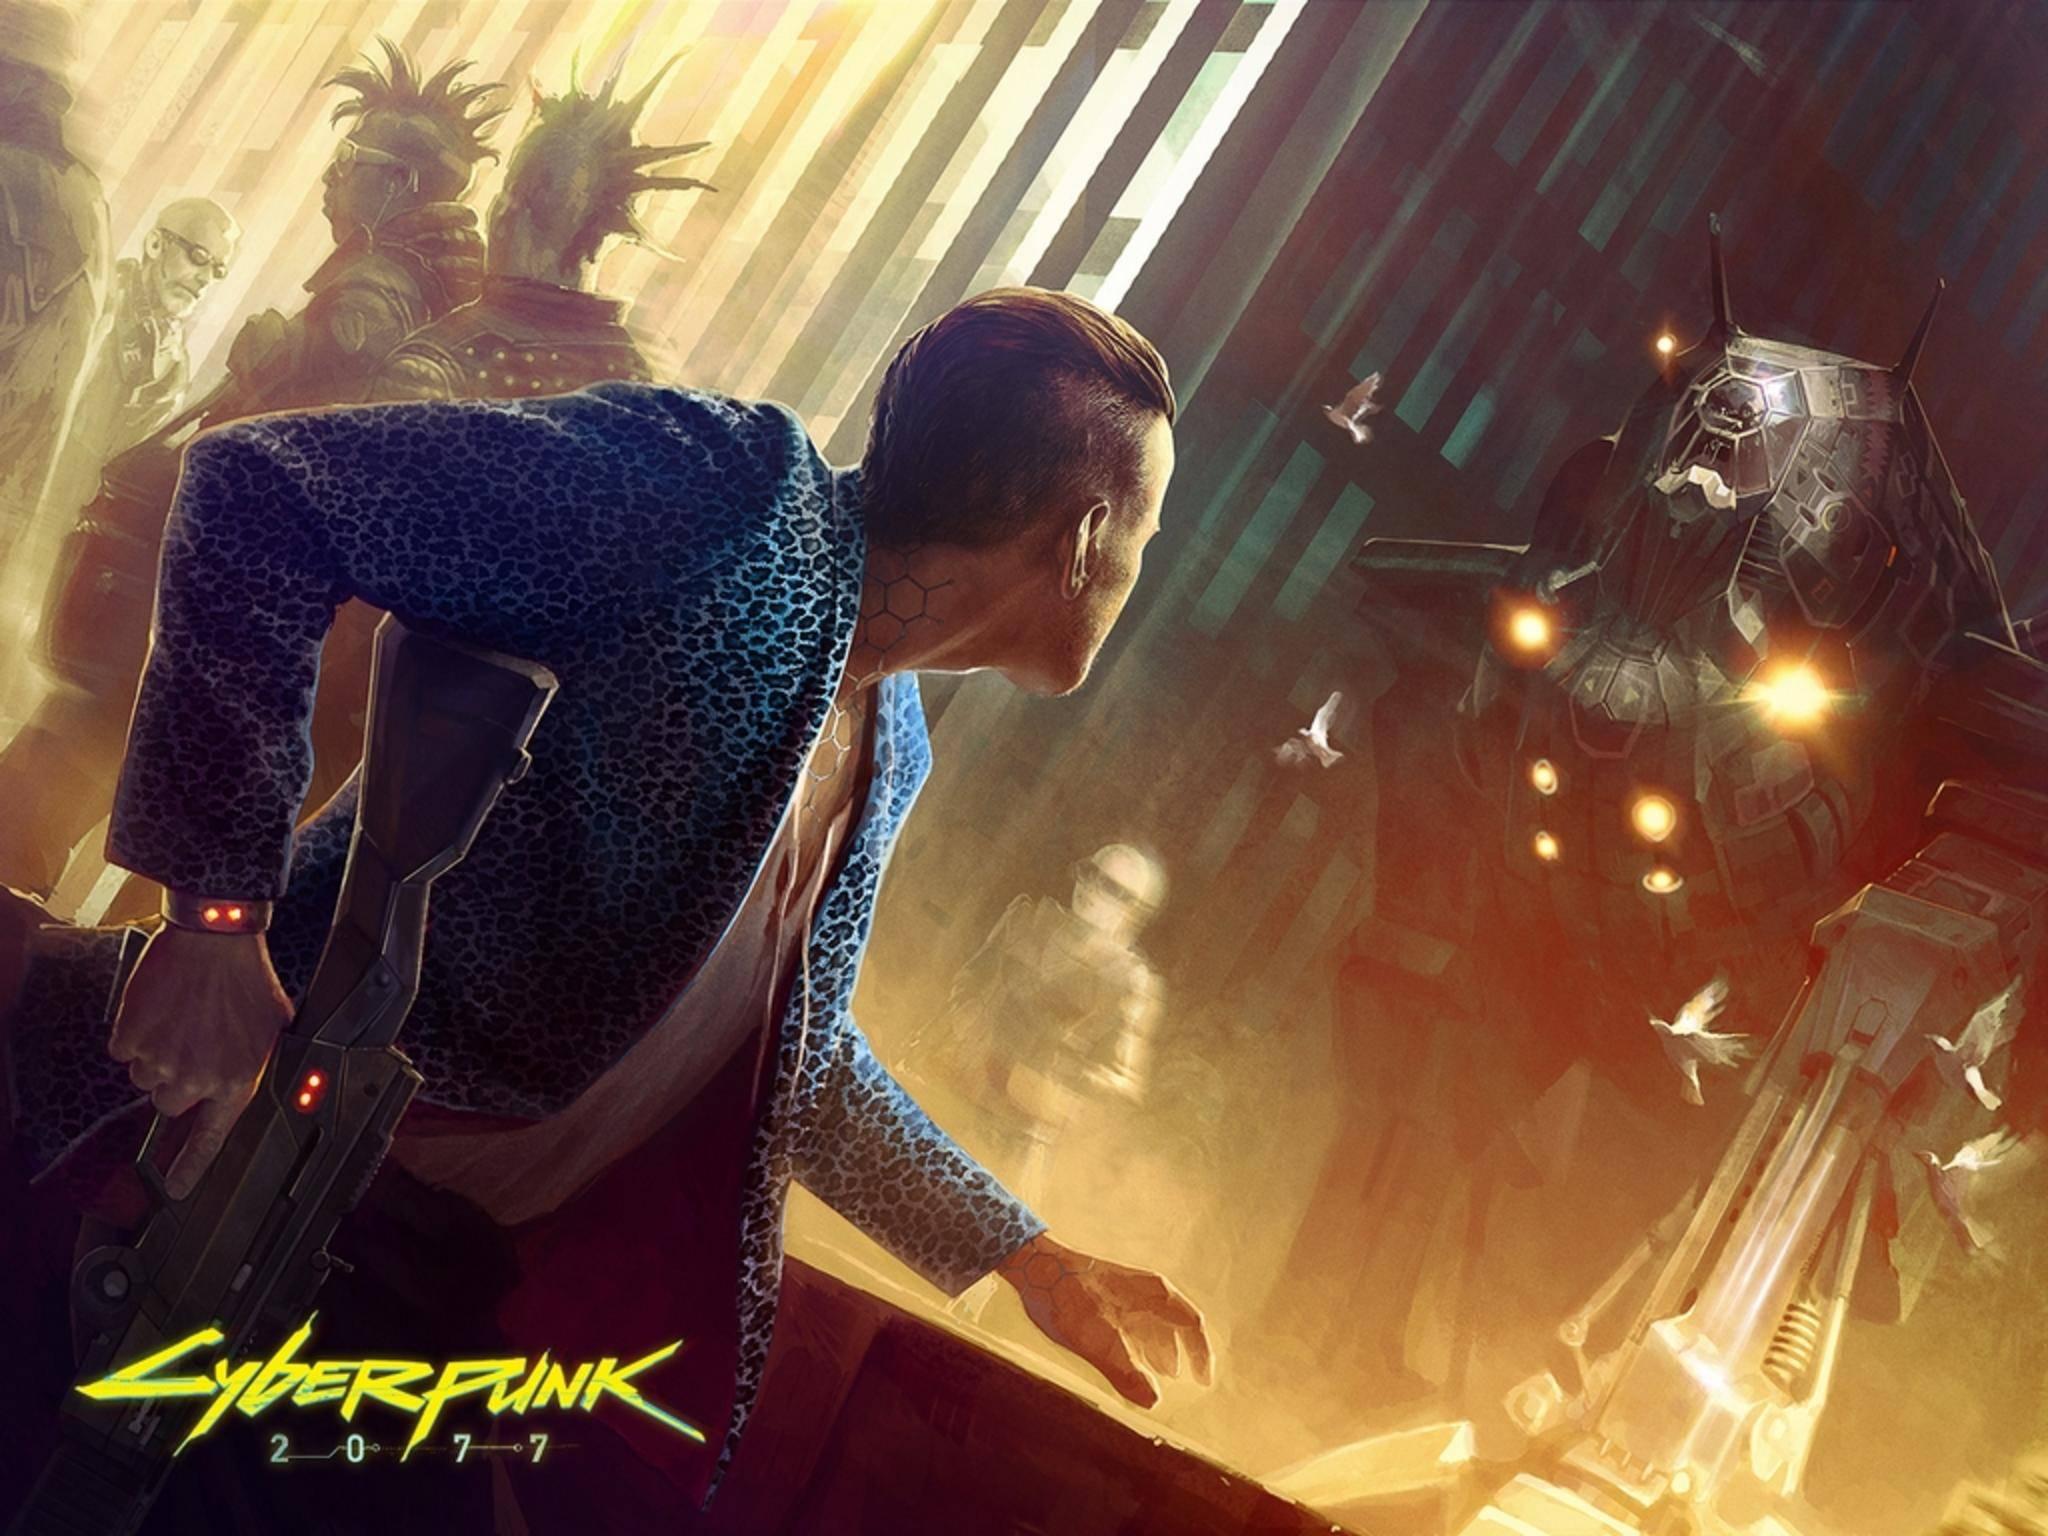 """Ob mit Gewalt, Technologie oder Hack – in """"Cyberpunk 2077"""" wird es viele Möglichkeiten geben, Quests abzuschließen."""